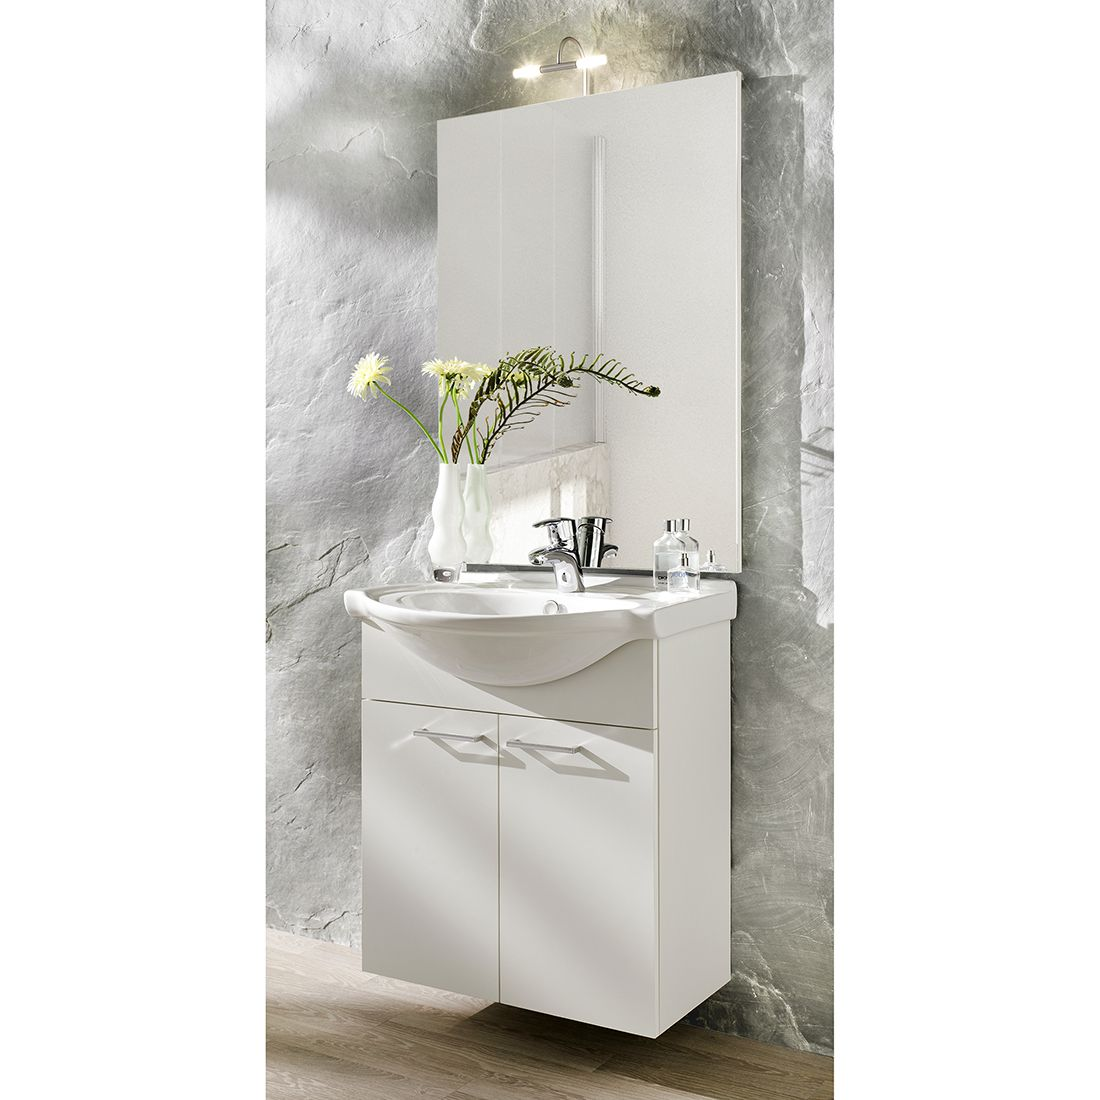 Mobile lavandino Auro - piccolo, bianco, Posseik